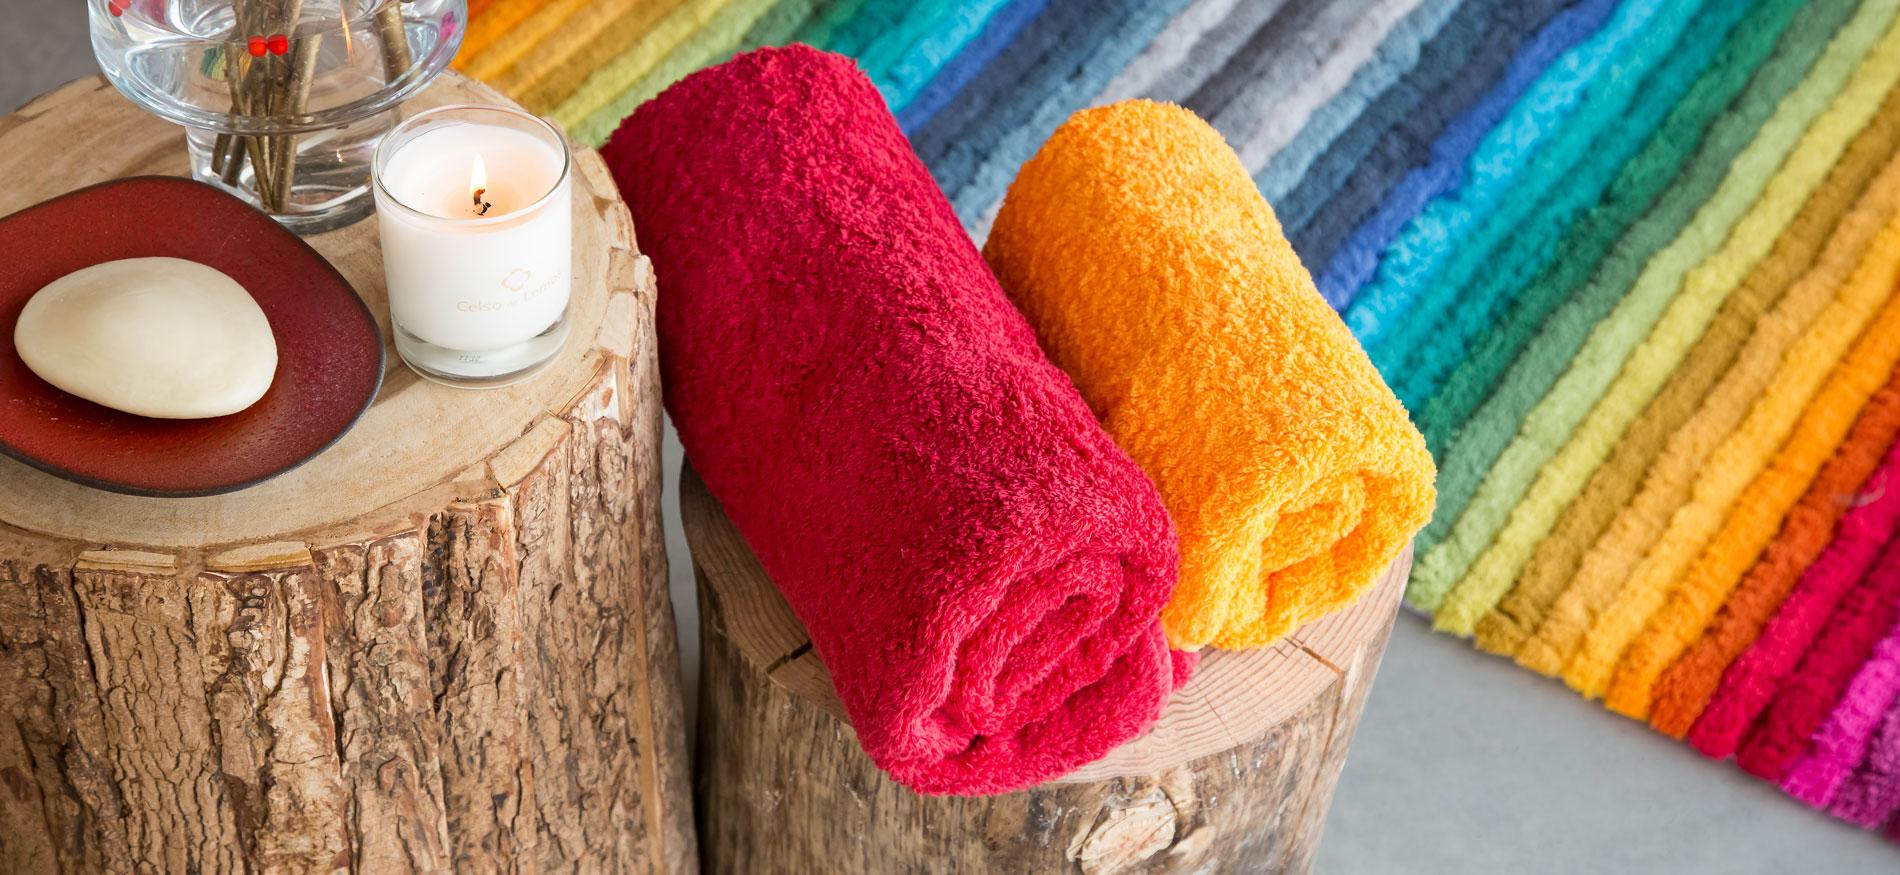 Abyss & Habidecor Onlineshop für Handtücher und Badteppiche